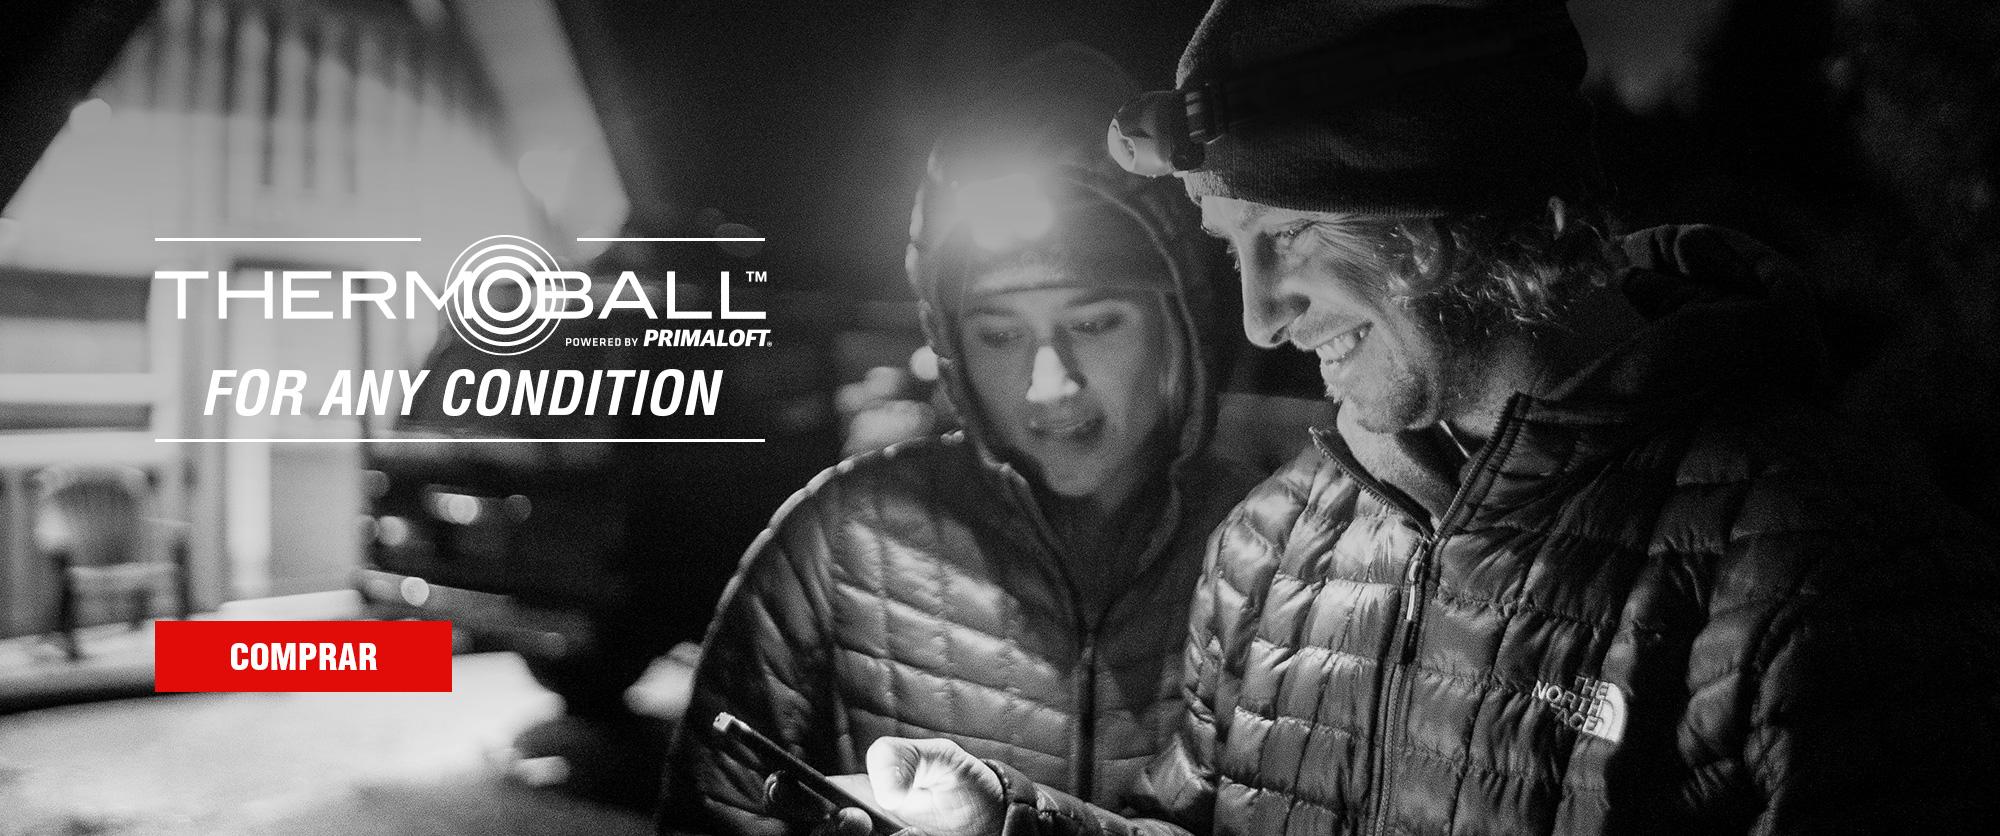 banner-principal-1-20180419-thermoball